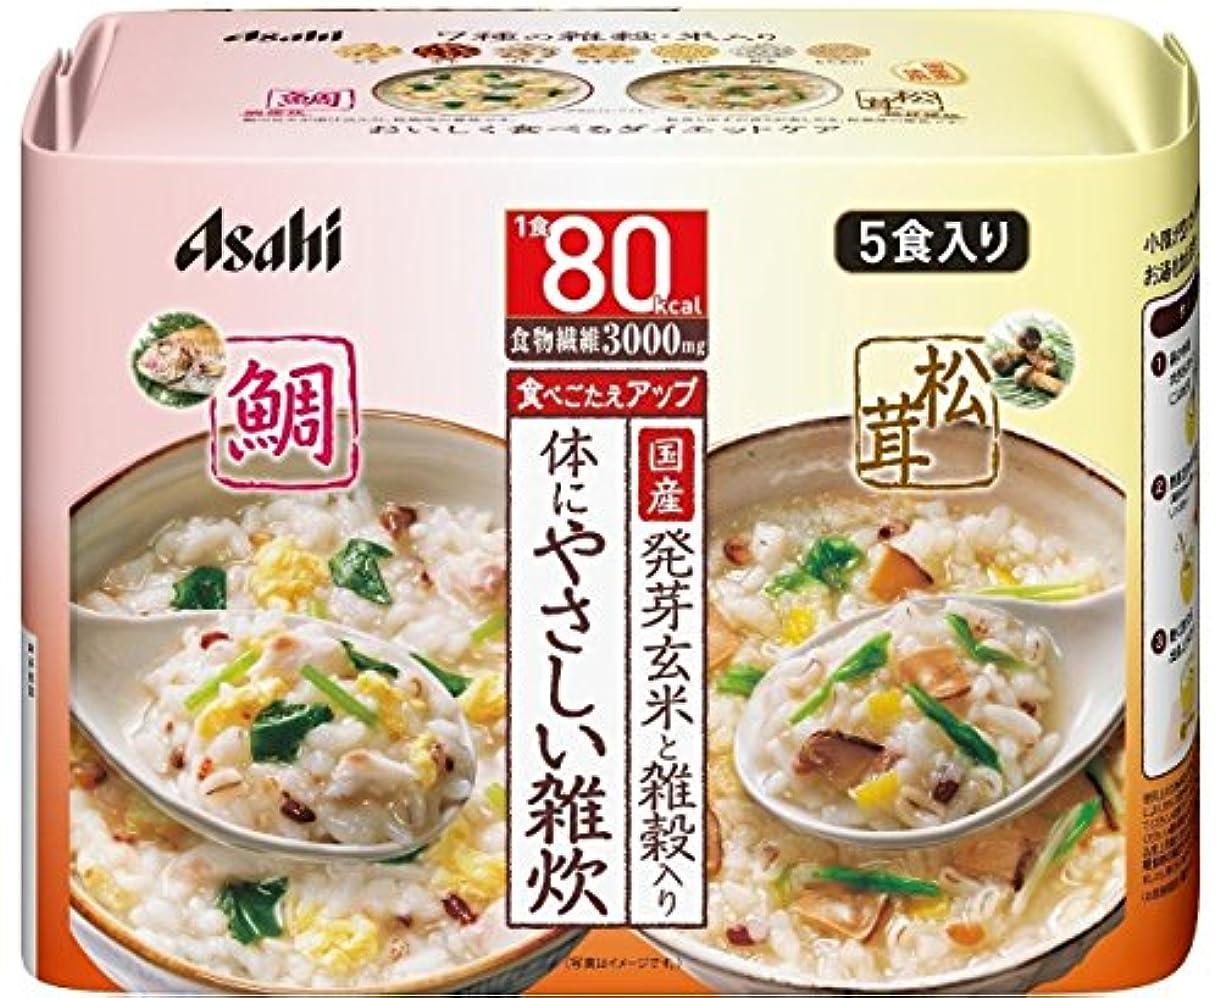 不振冗談で王女アサヒグループ食品 リセットボディ 体にやさしい鯛&松茸雑炊 5食